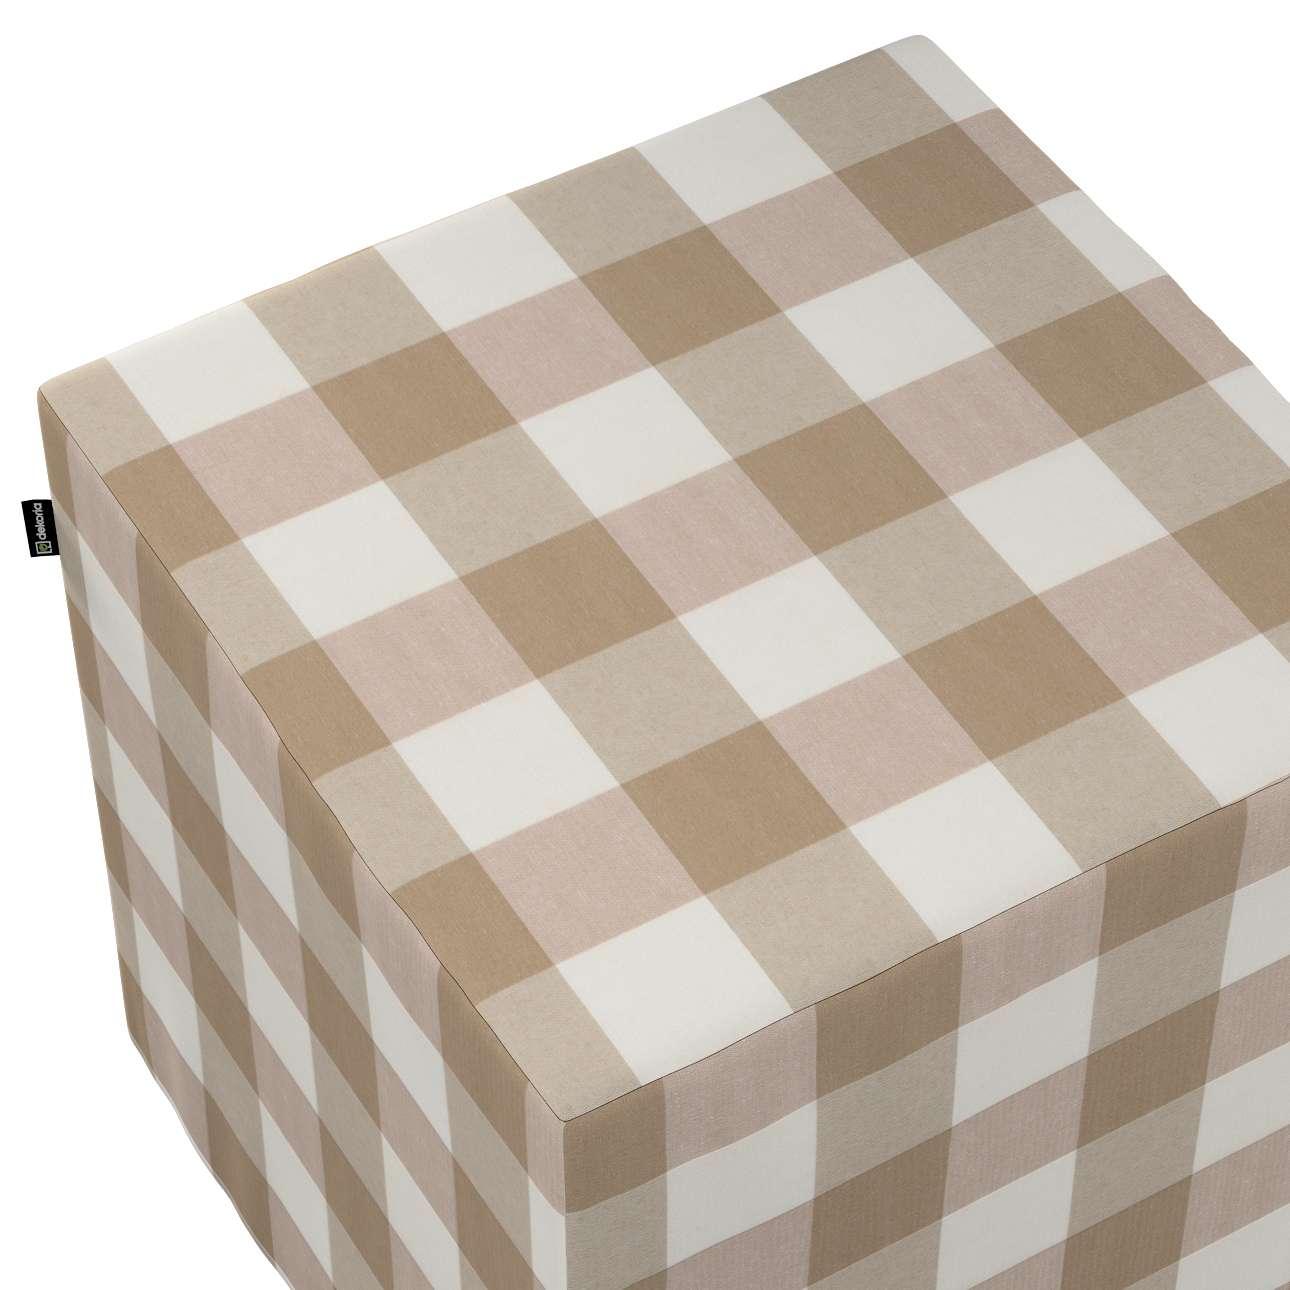 Pokrowiec na pufę kostkę w kolekcji Quadro, tkanina: 136-08